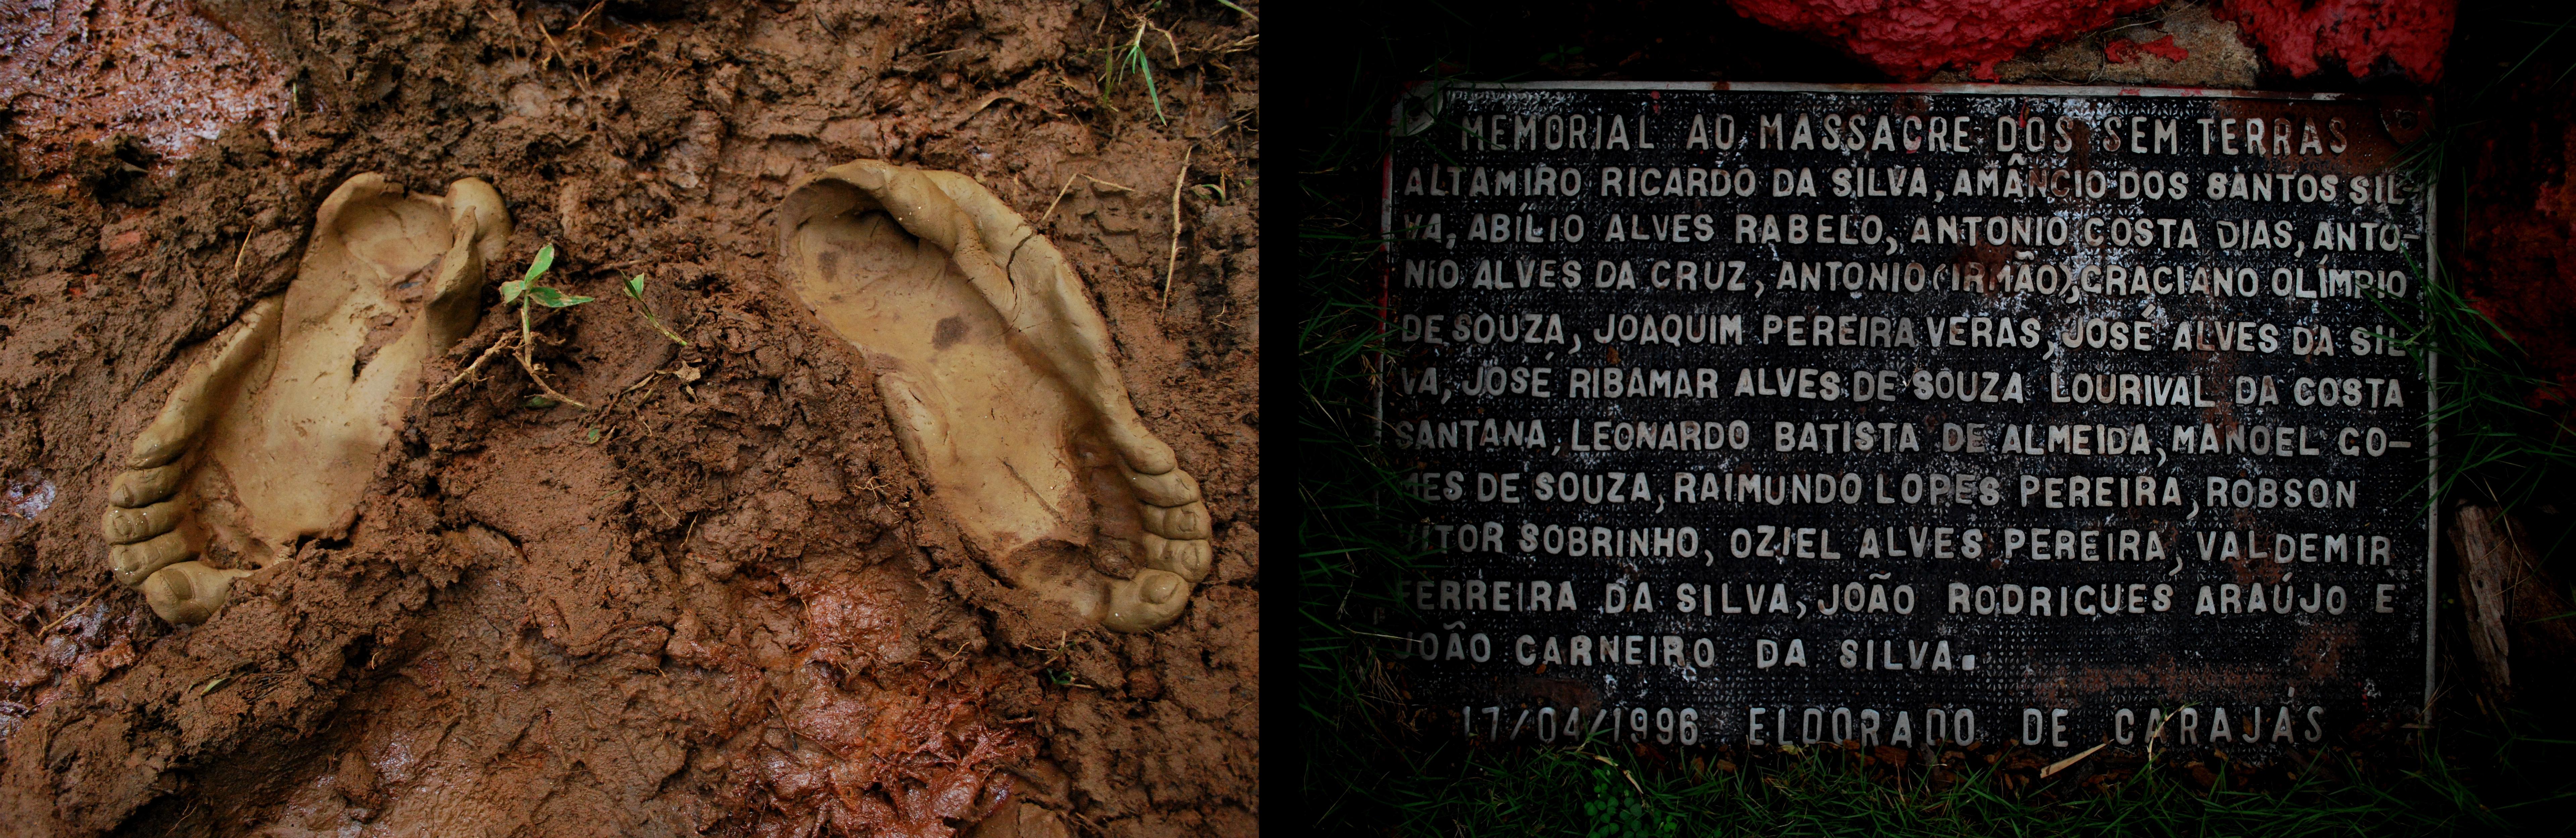 Marcone_Moreira_-_Ausente_Presença,_2013._Fotografia_díptico,_50_x_150_cm